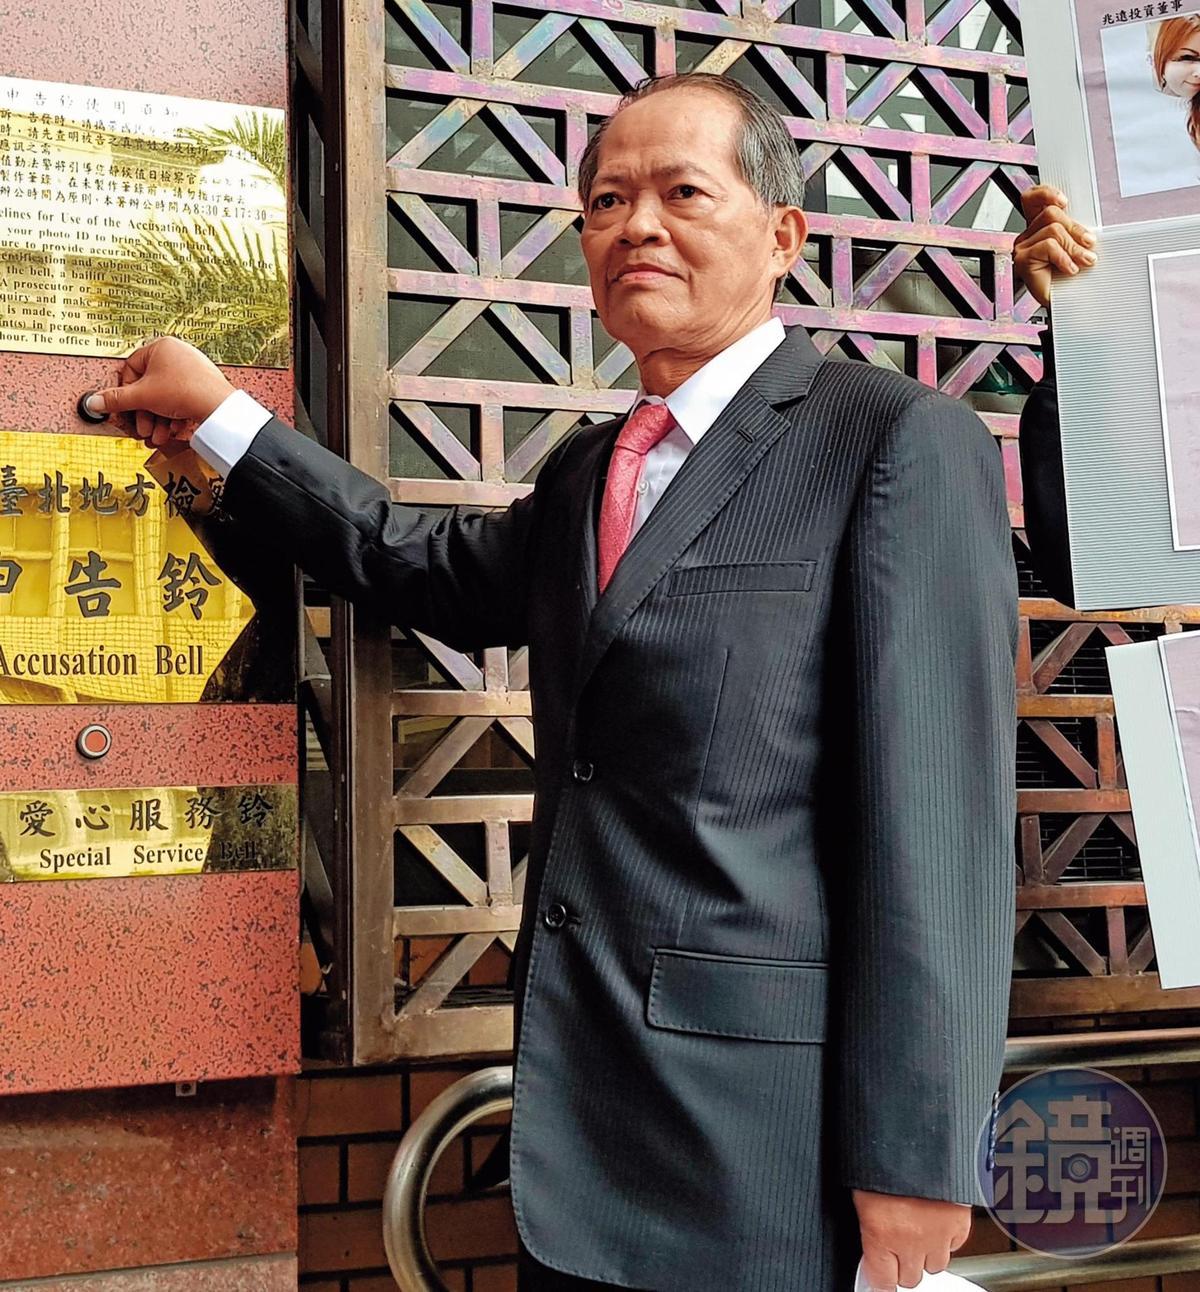 大慶證券前董座莊隆慶爆發擦擦筆塗改支票事件,其中多張支票有蘇震清背書,金額達5,000萬元。